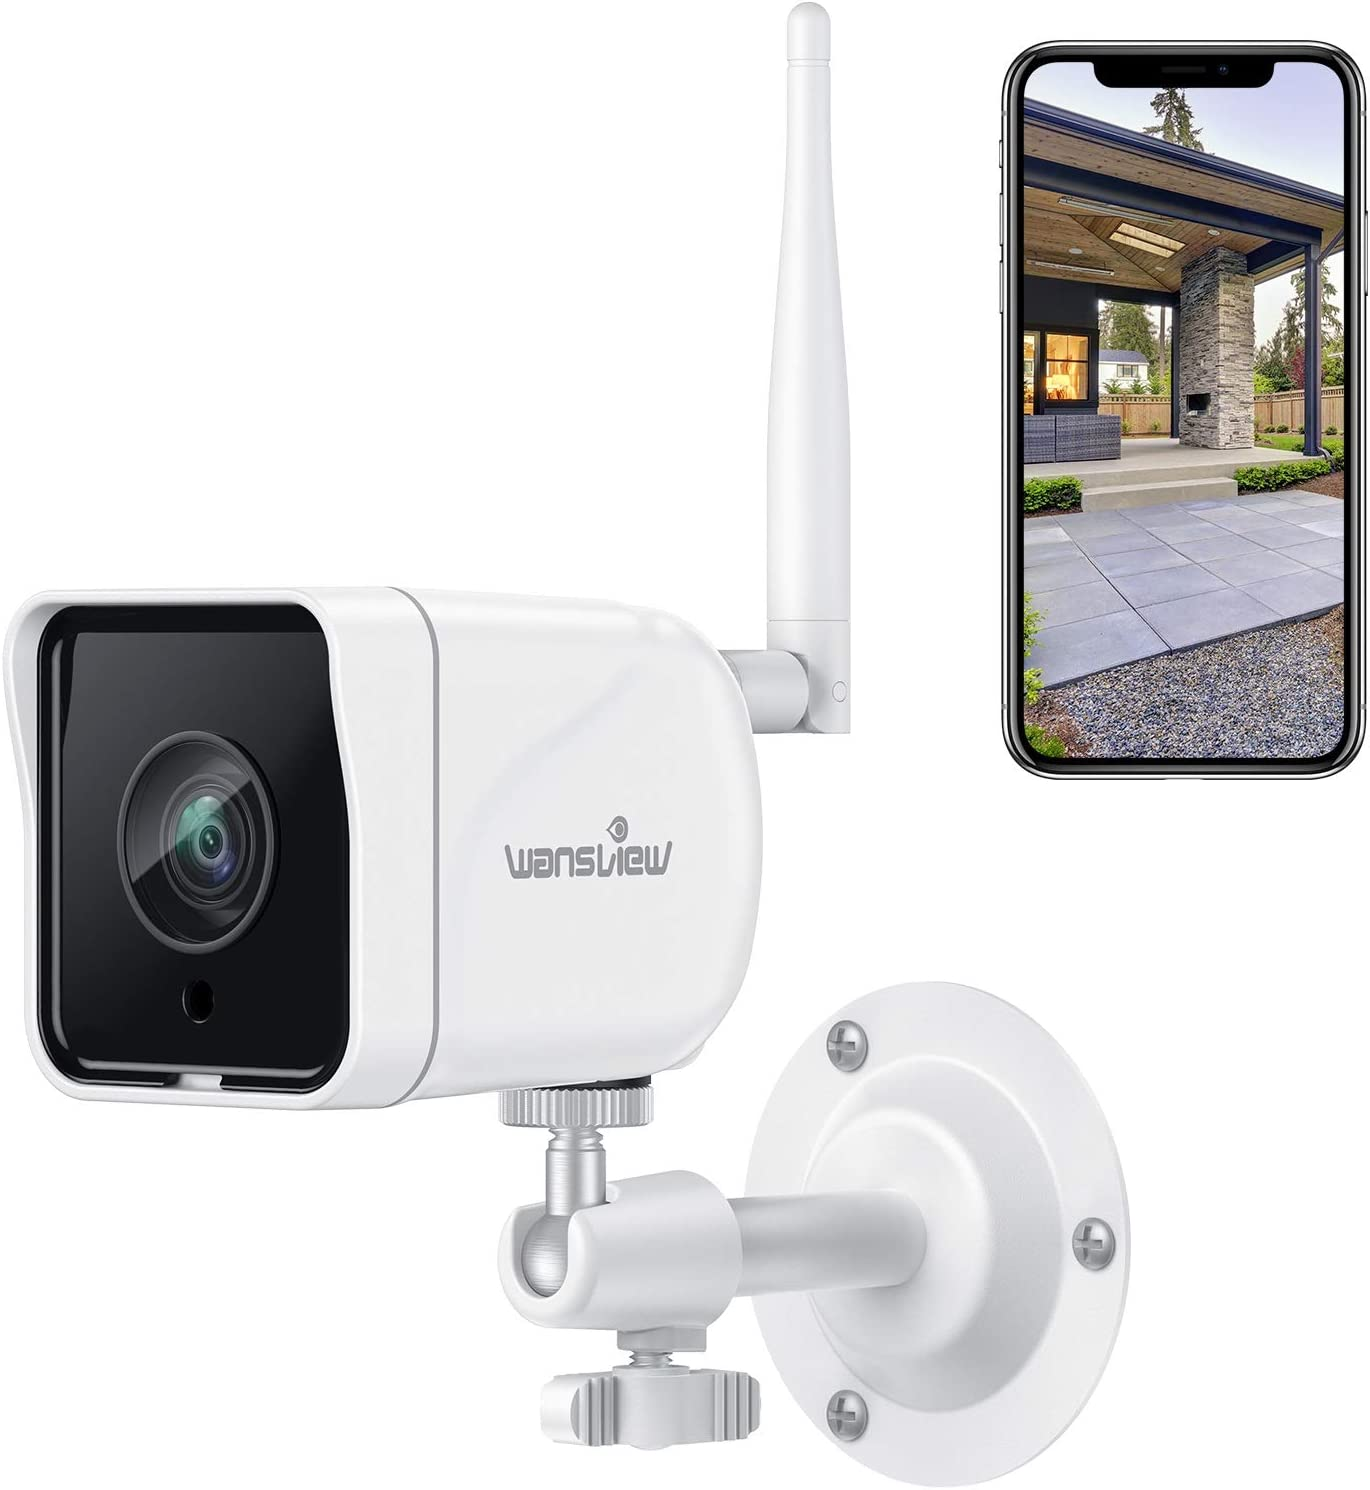 Wansview Cámara Vigilancia WiFi Exterior, 1080P Cámara IP WiFi de Seguridad con Visión Noturna Detección de Movimiento Audio Bidireccional, Soporta Alexa RTSP Onvif, IP66 Impermeable, W6 (Blanco)